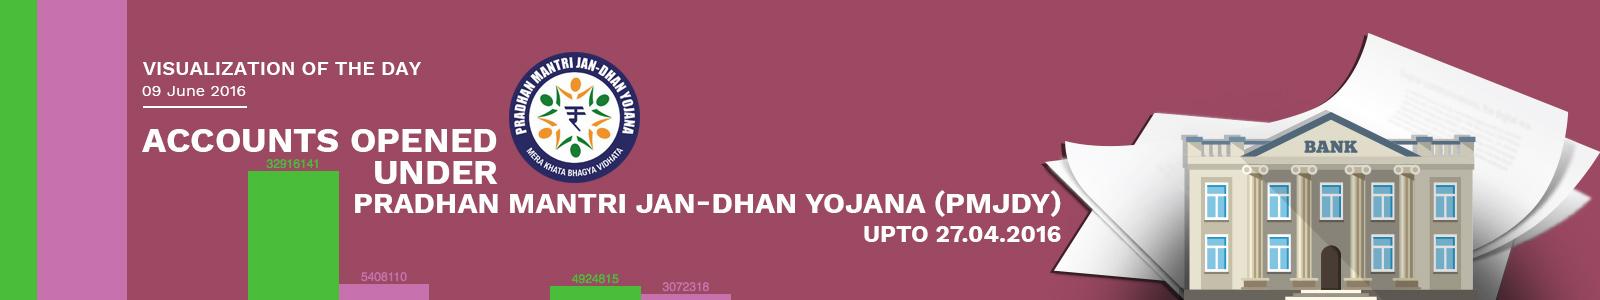 VOD-Banner-09062016